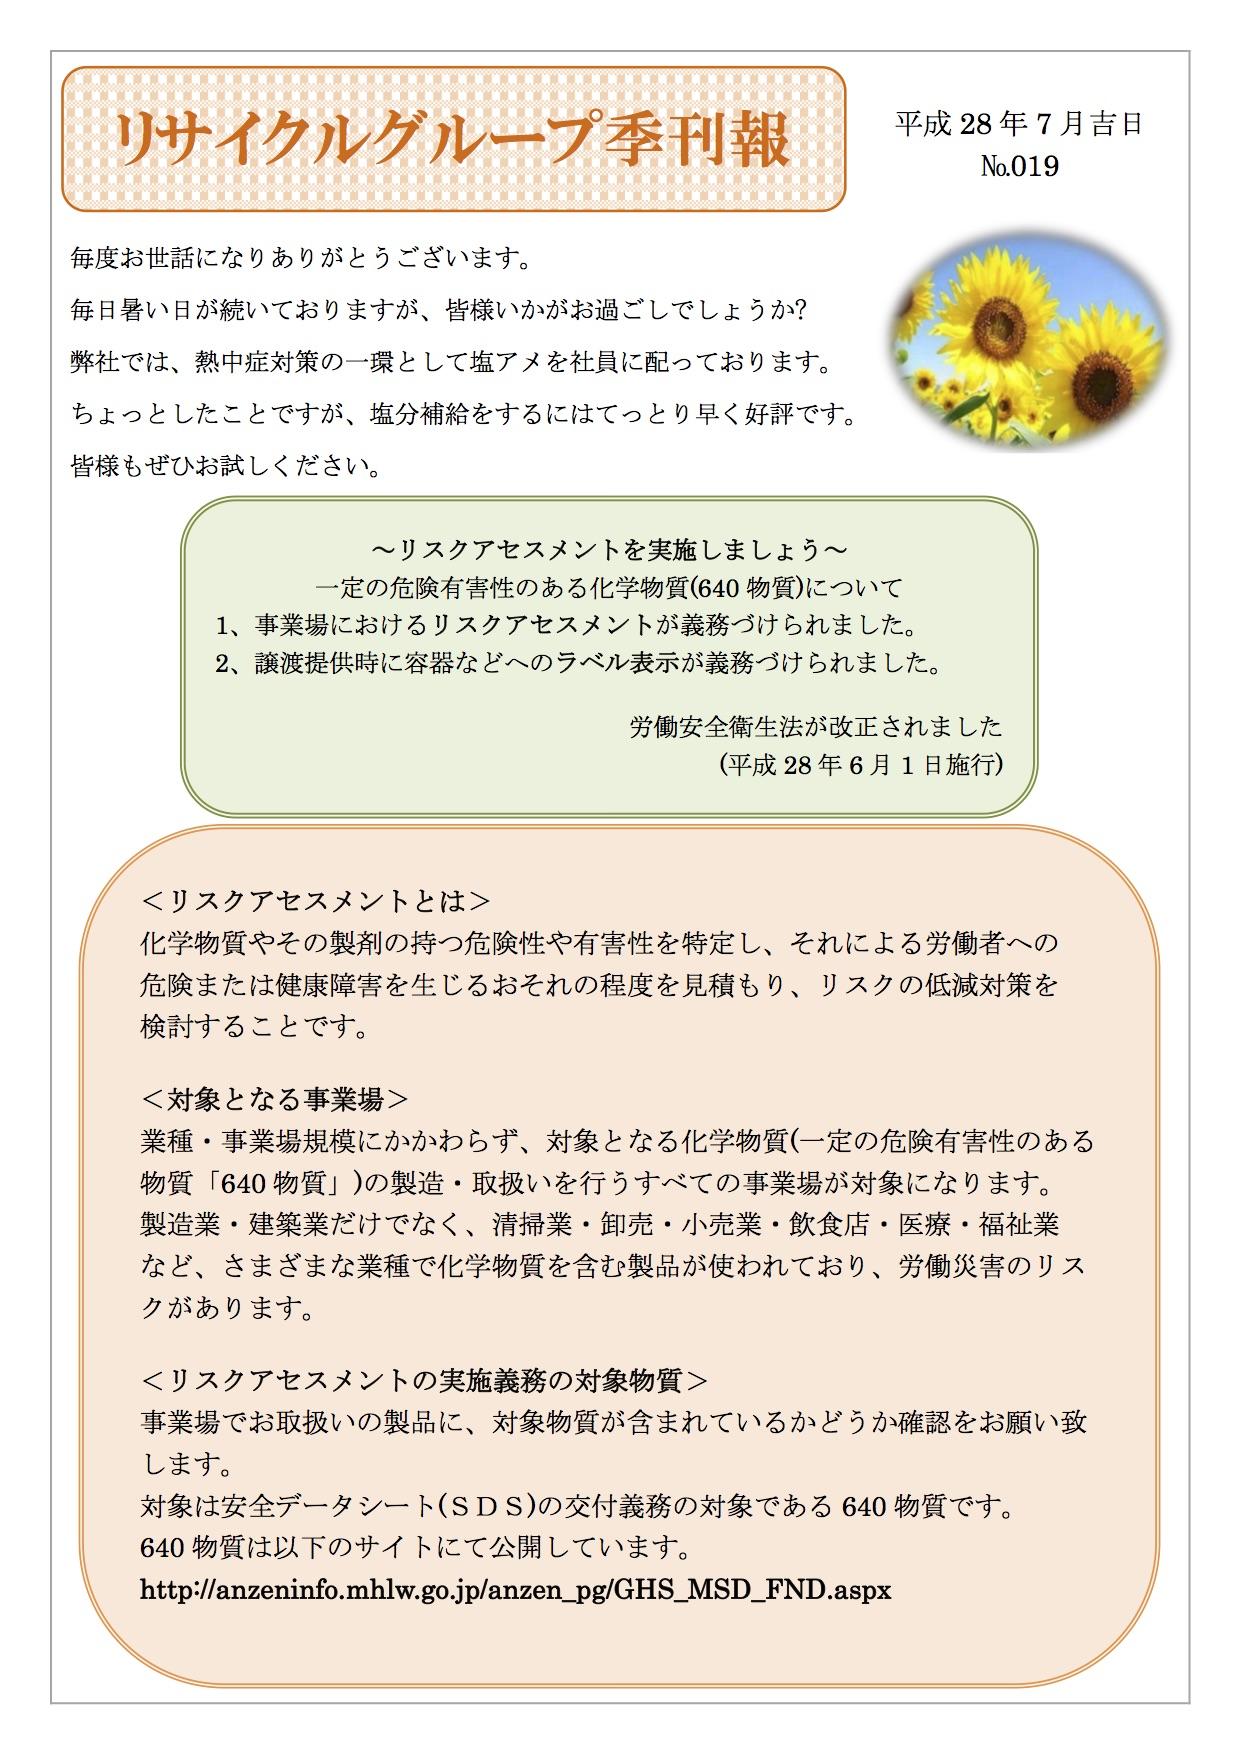 ニュース019.jpg